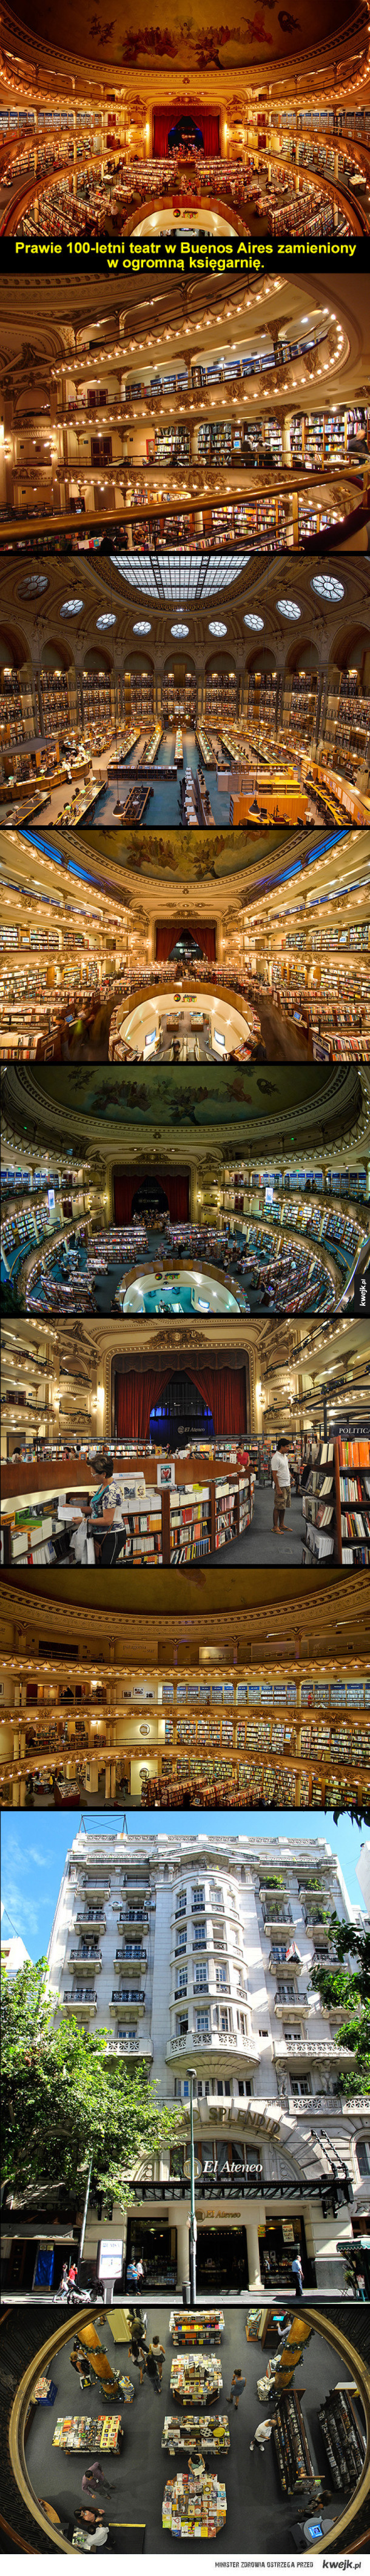 Przepiękna księgarnia